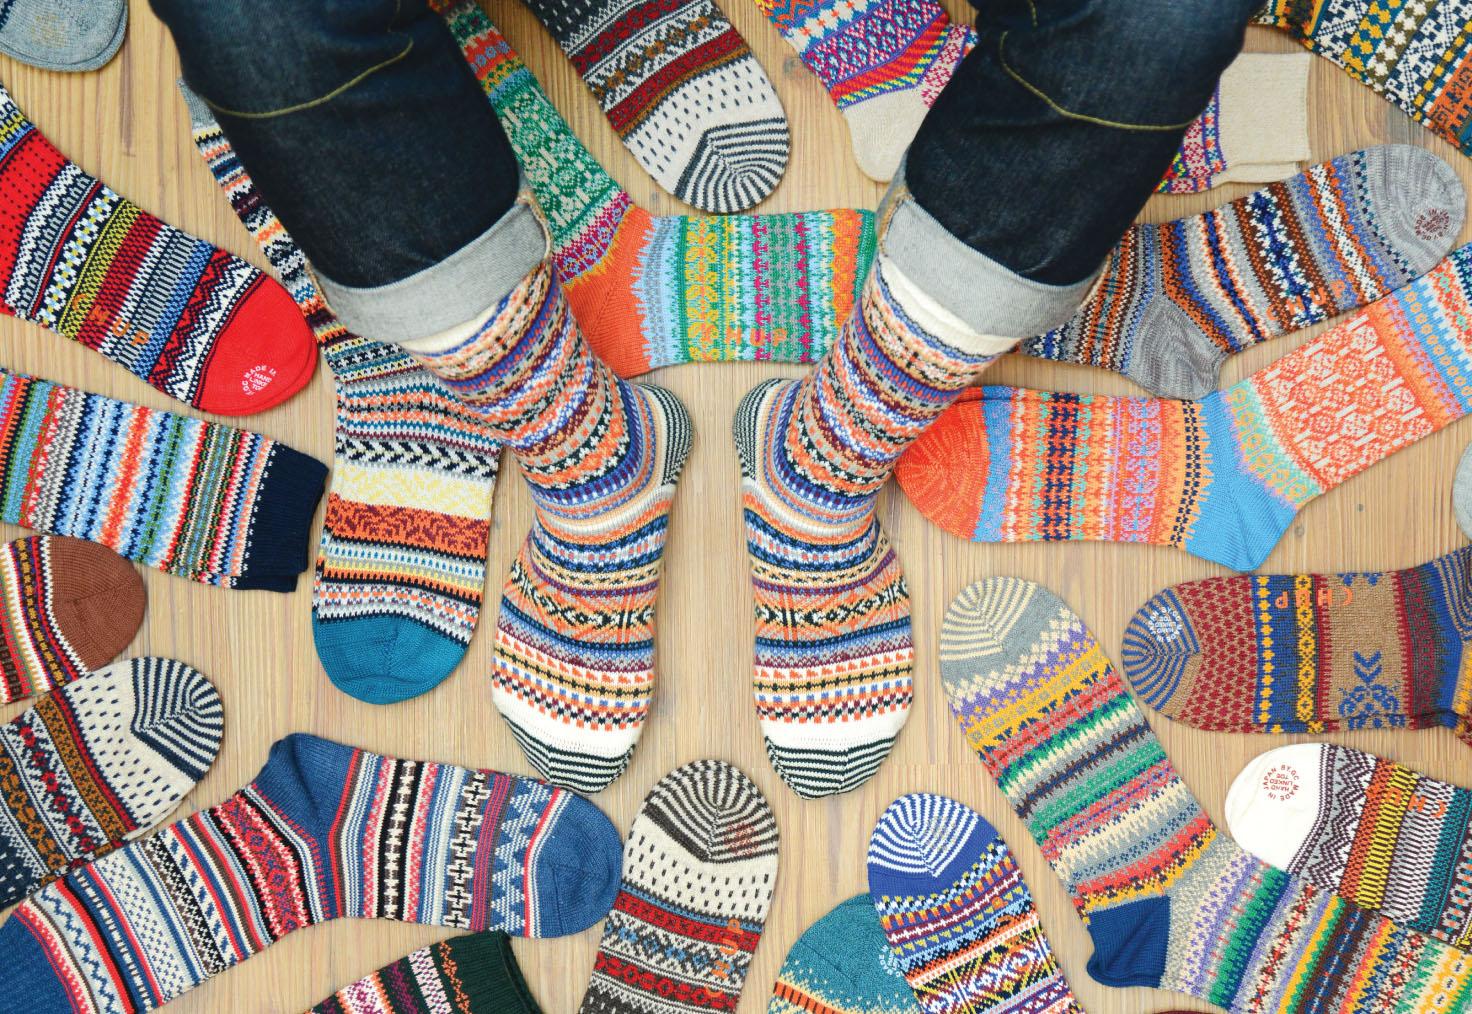 Vannak zoknik, meg van a CHUP